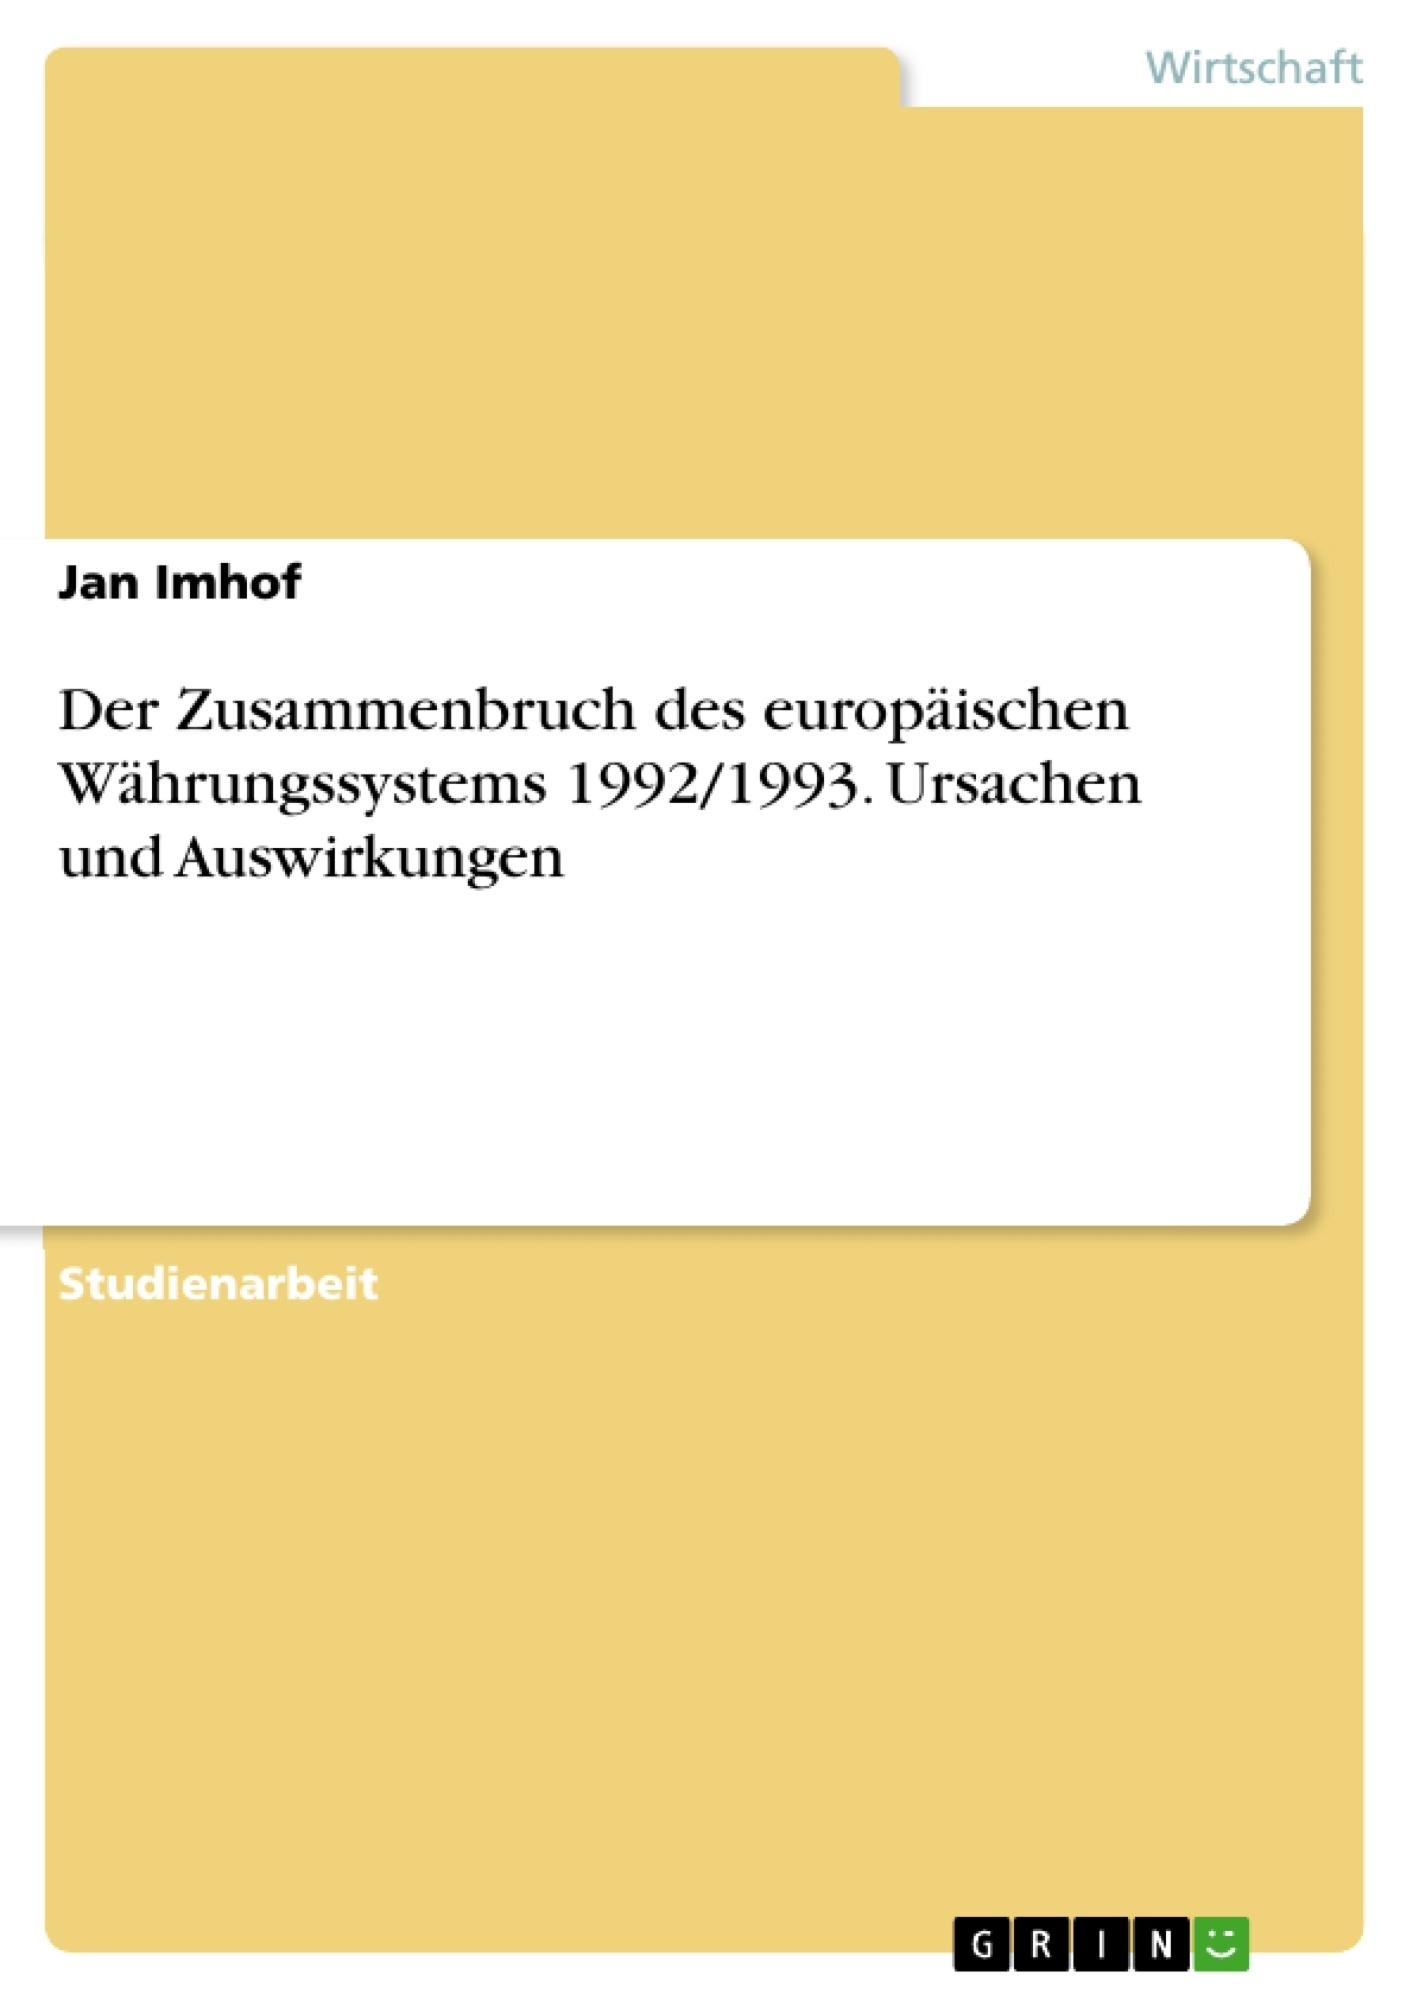 Titel: Der Zusammenbruch des europäischen Währungssystems 1992/1993. Ursachen und Auswirkungen